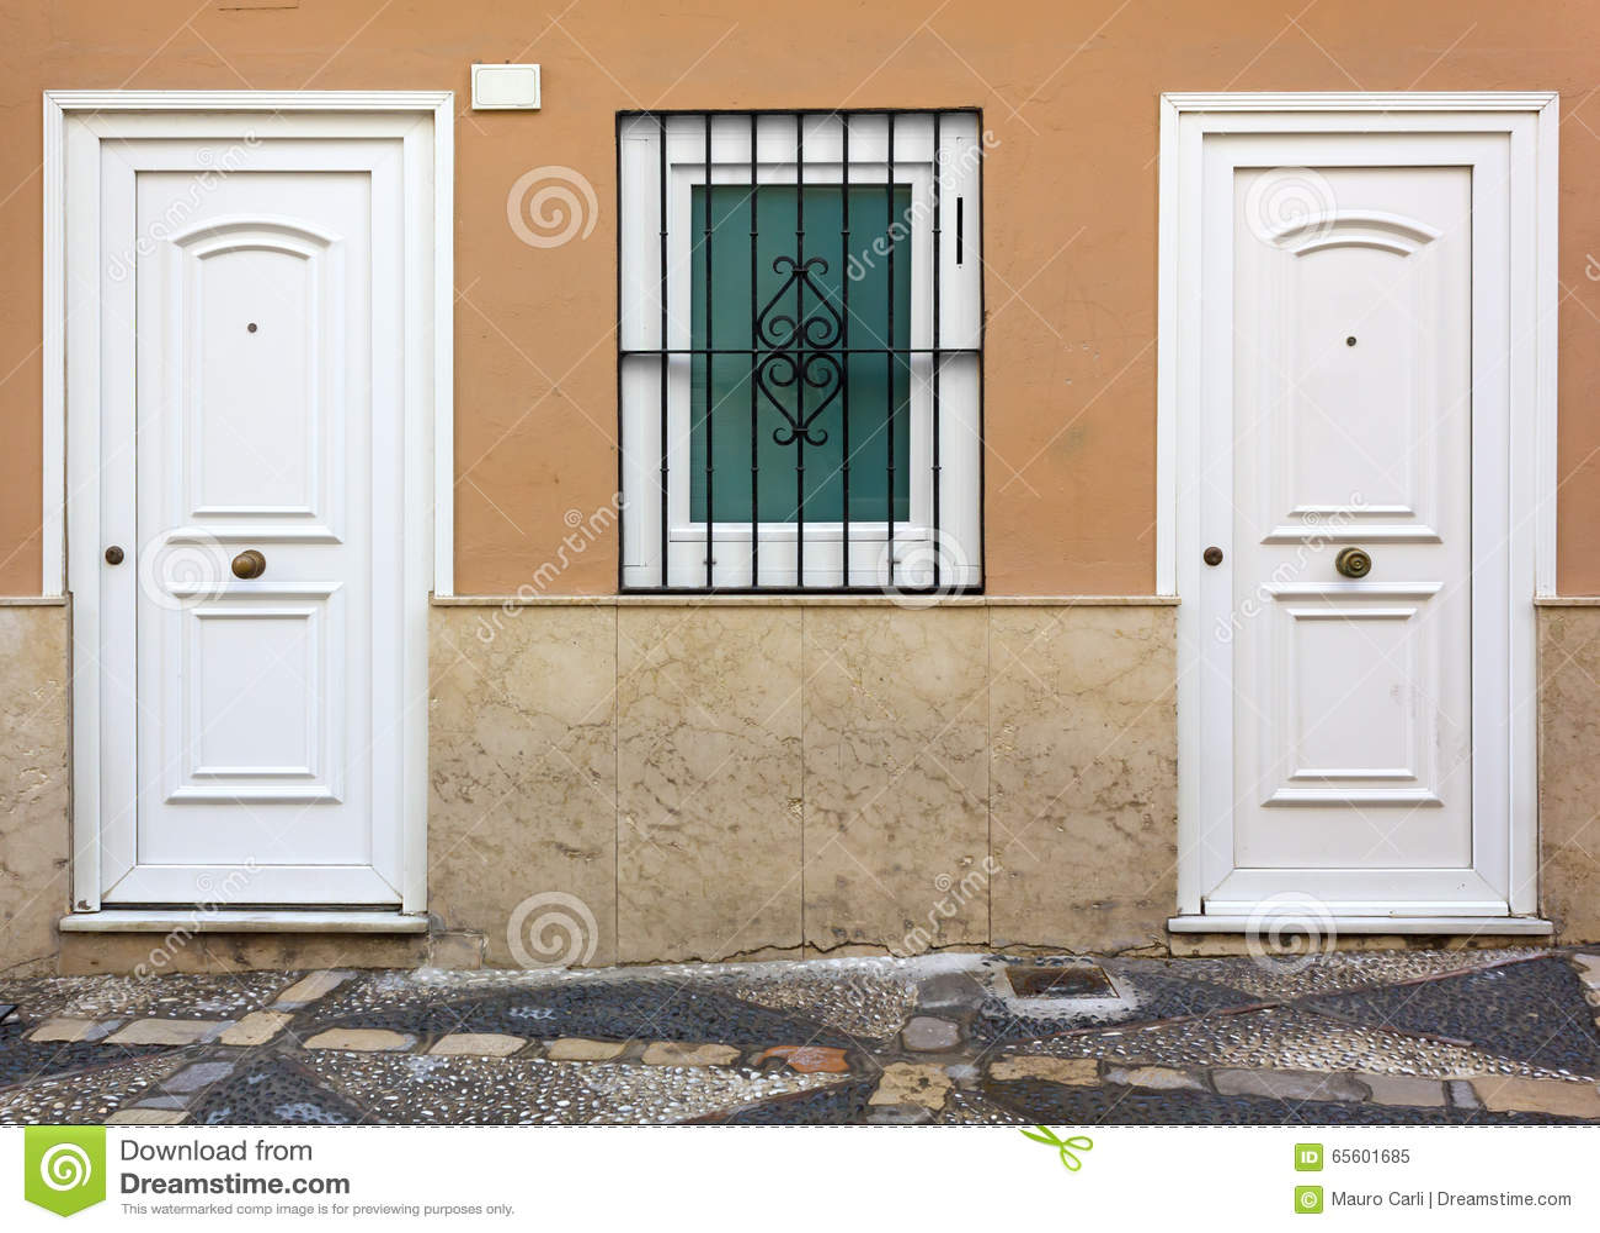 Fachada de la casa con dos puertas blancas foto de archivo for Casas con puertas blancas